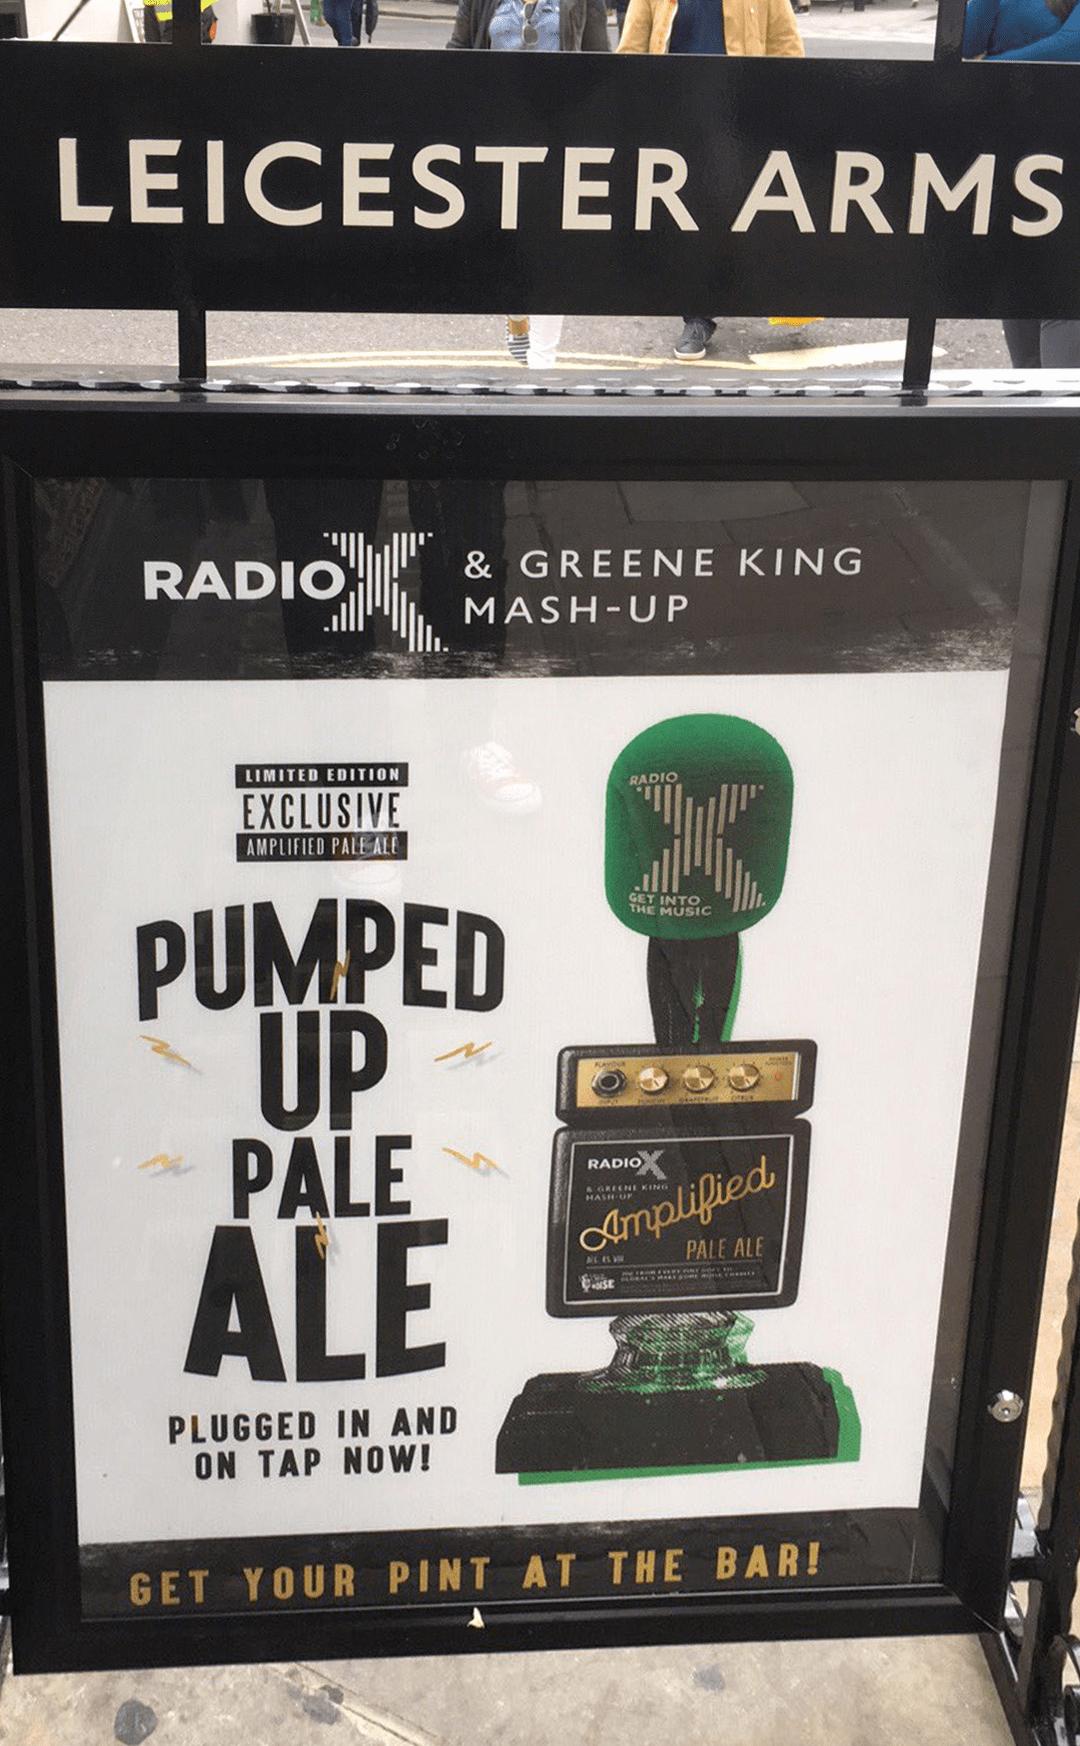 Radio X Beer at a pub